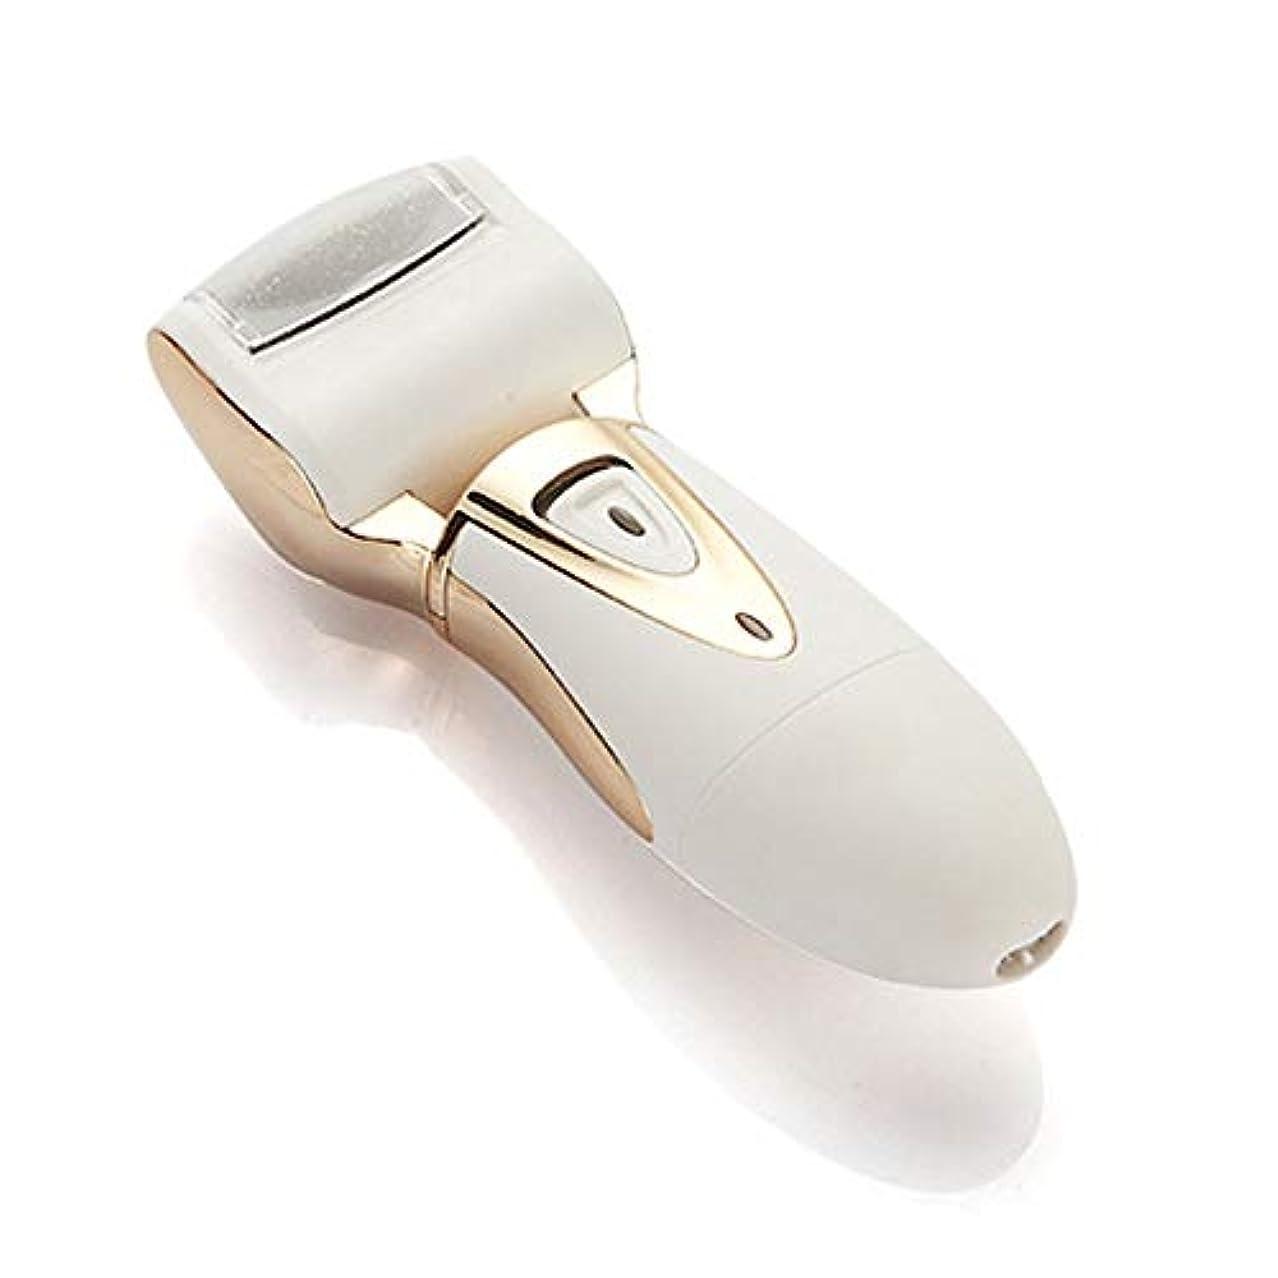 ホイッスル意味のあるコミットペディキュアツール電動フットファイル充電式デッドハードスキンリムーバー用プロの粗い足のお手入れウェット&ドライ防水 ペディキュアツール (色 : ゴールド, サイズ : Free size)